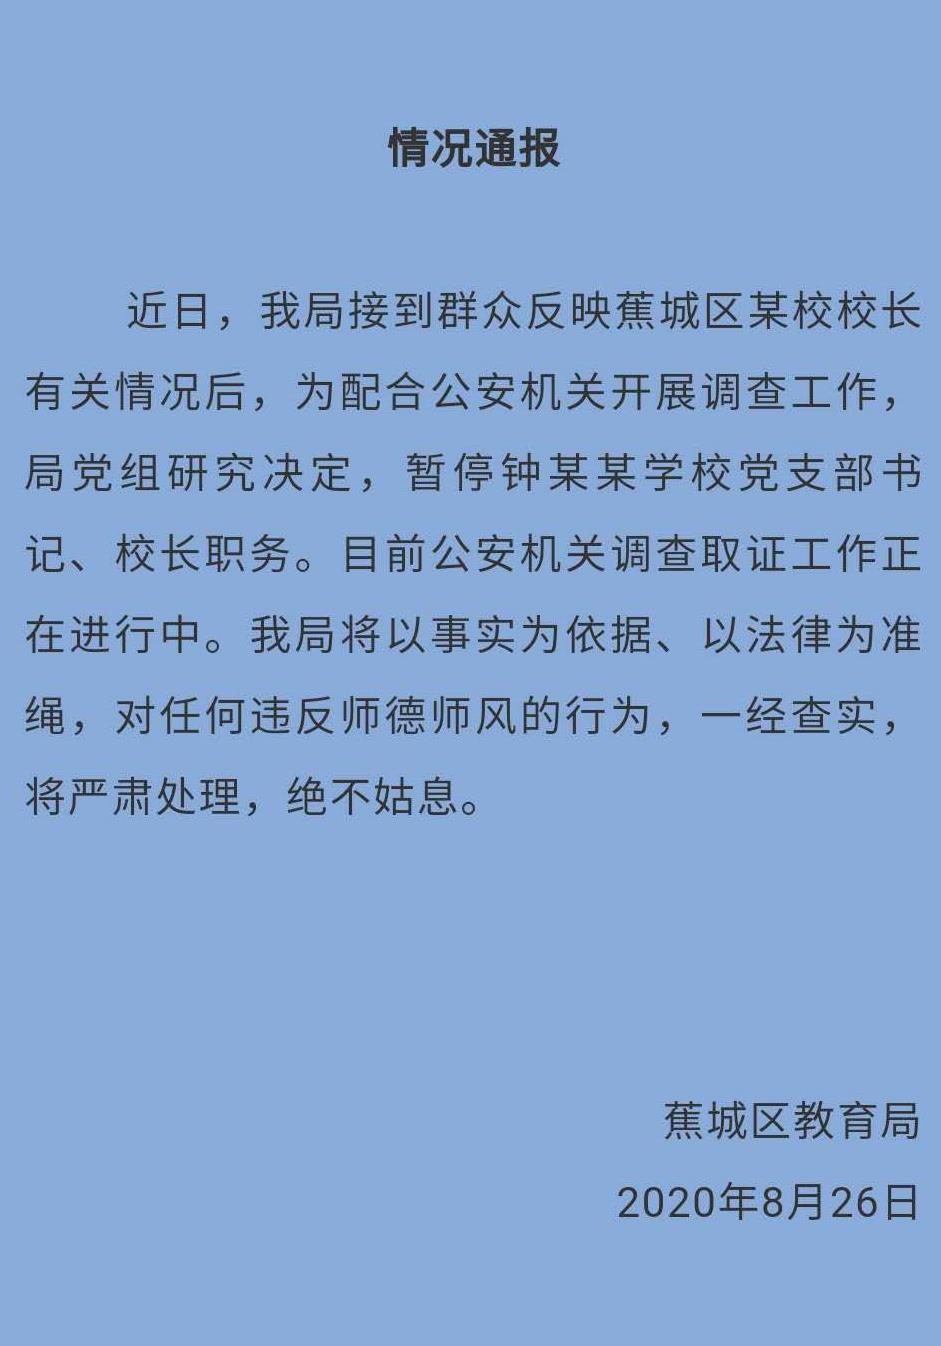 福建一女教师举报校长性骚扰 公安、纪委、教育局联合调查